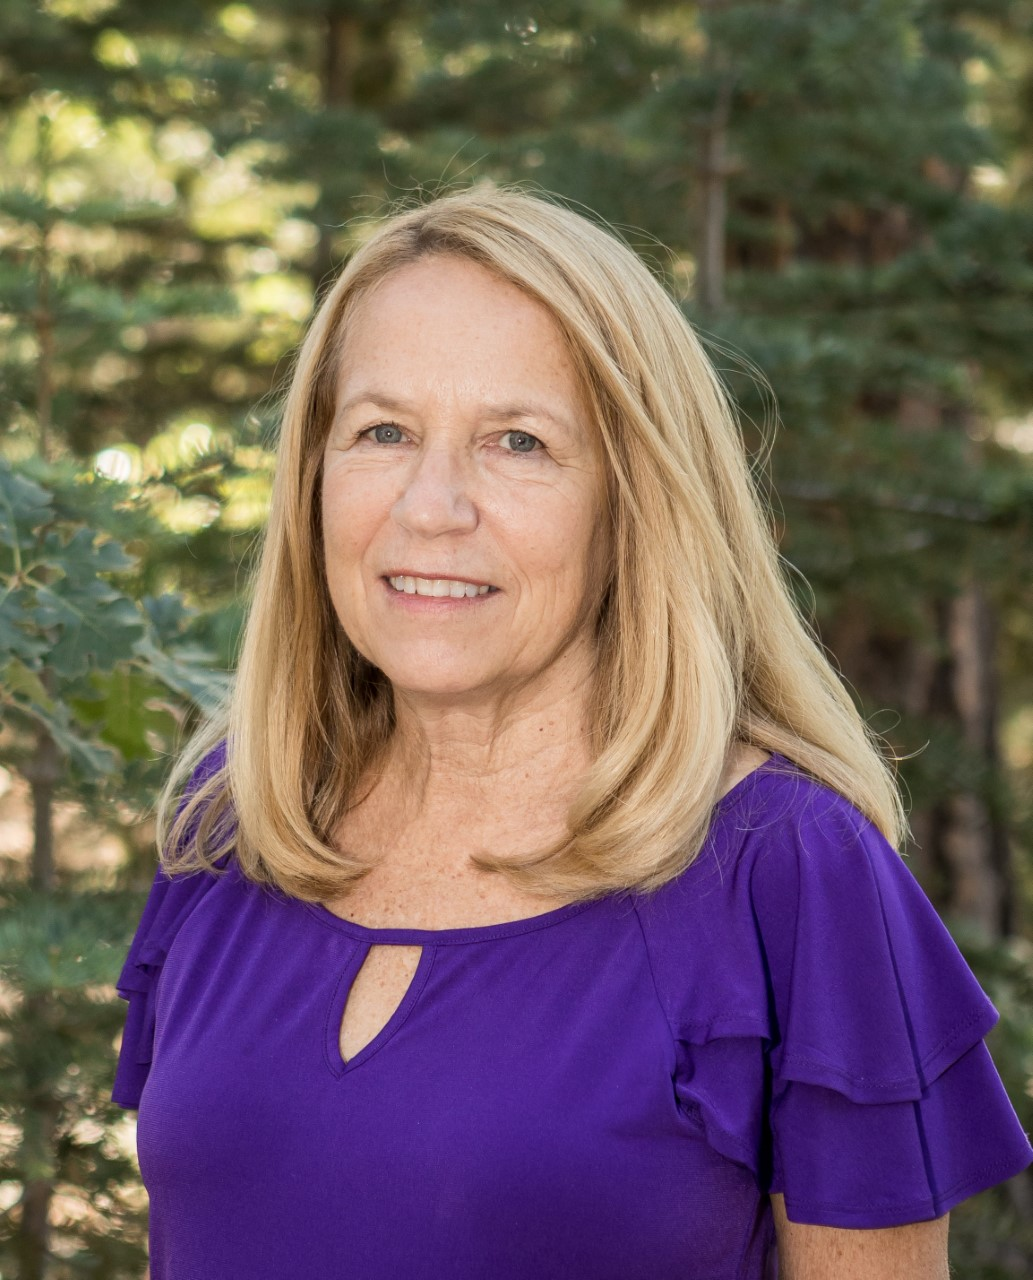 Pam Thelemann